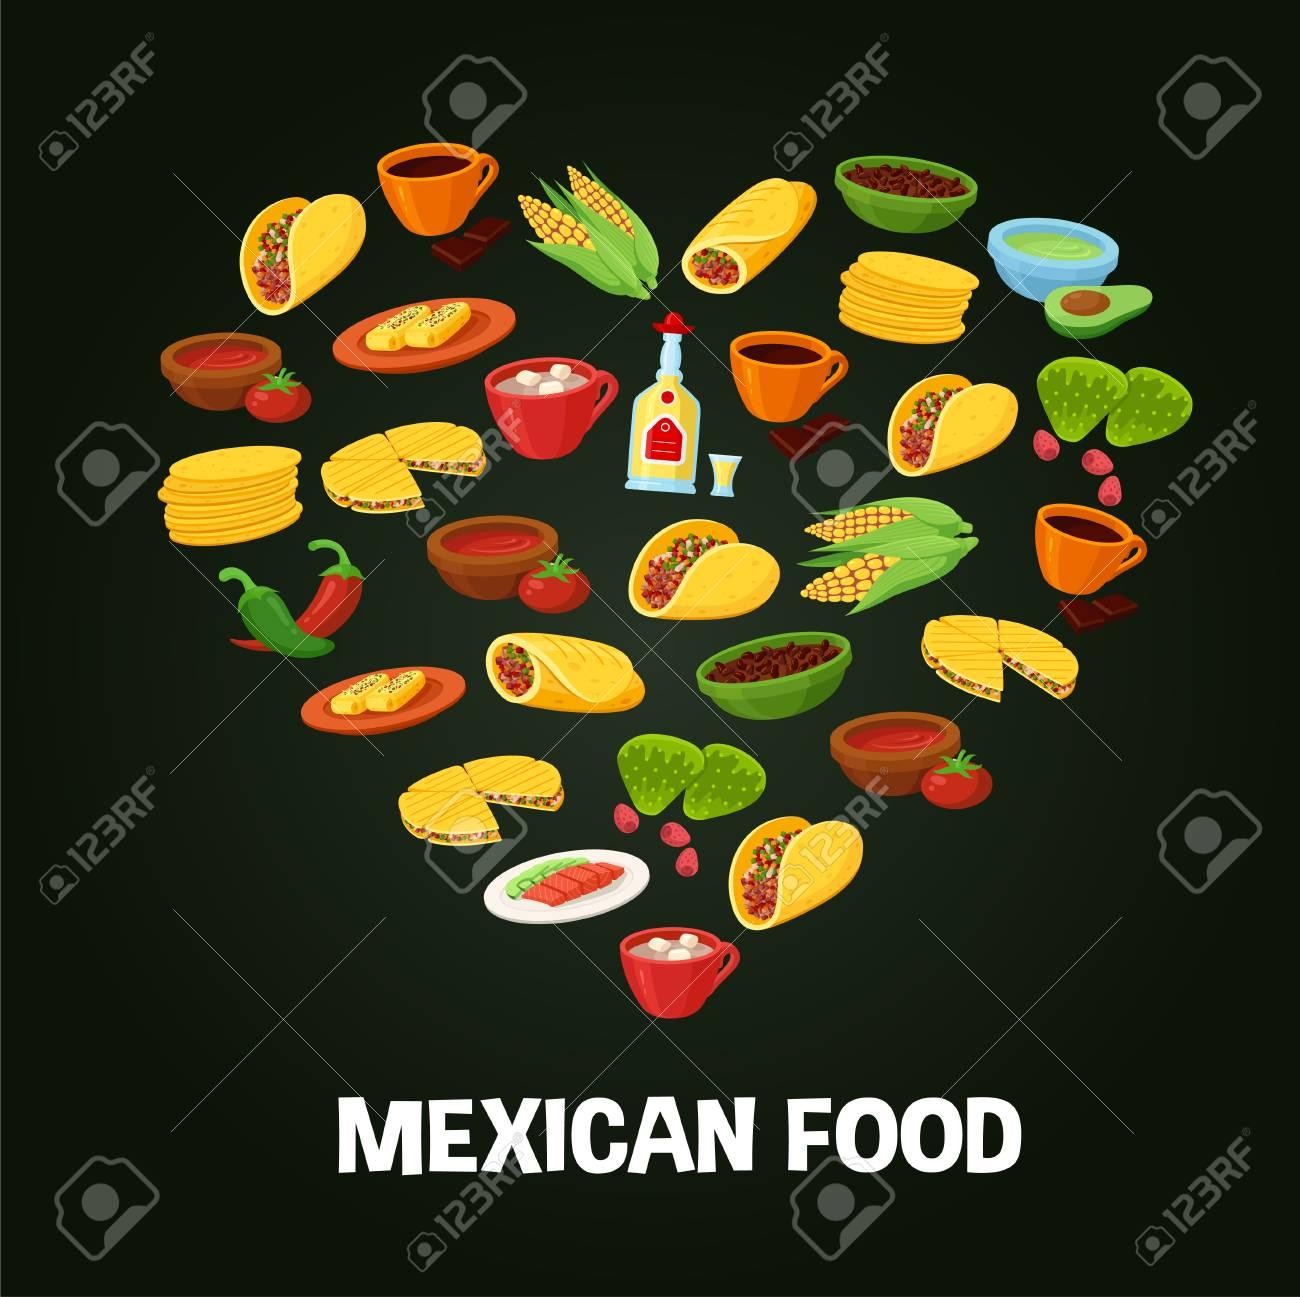 Fondo Del Corazón De La Comida Mexicana El Amor Por Deliciosas Recetas Tradicionales Para Cocinar Menú Del Restaurante Vector Ilustración Estilo